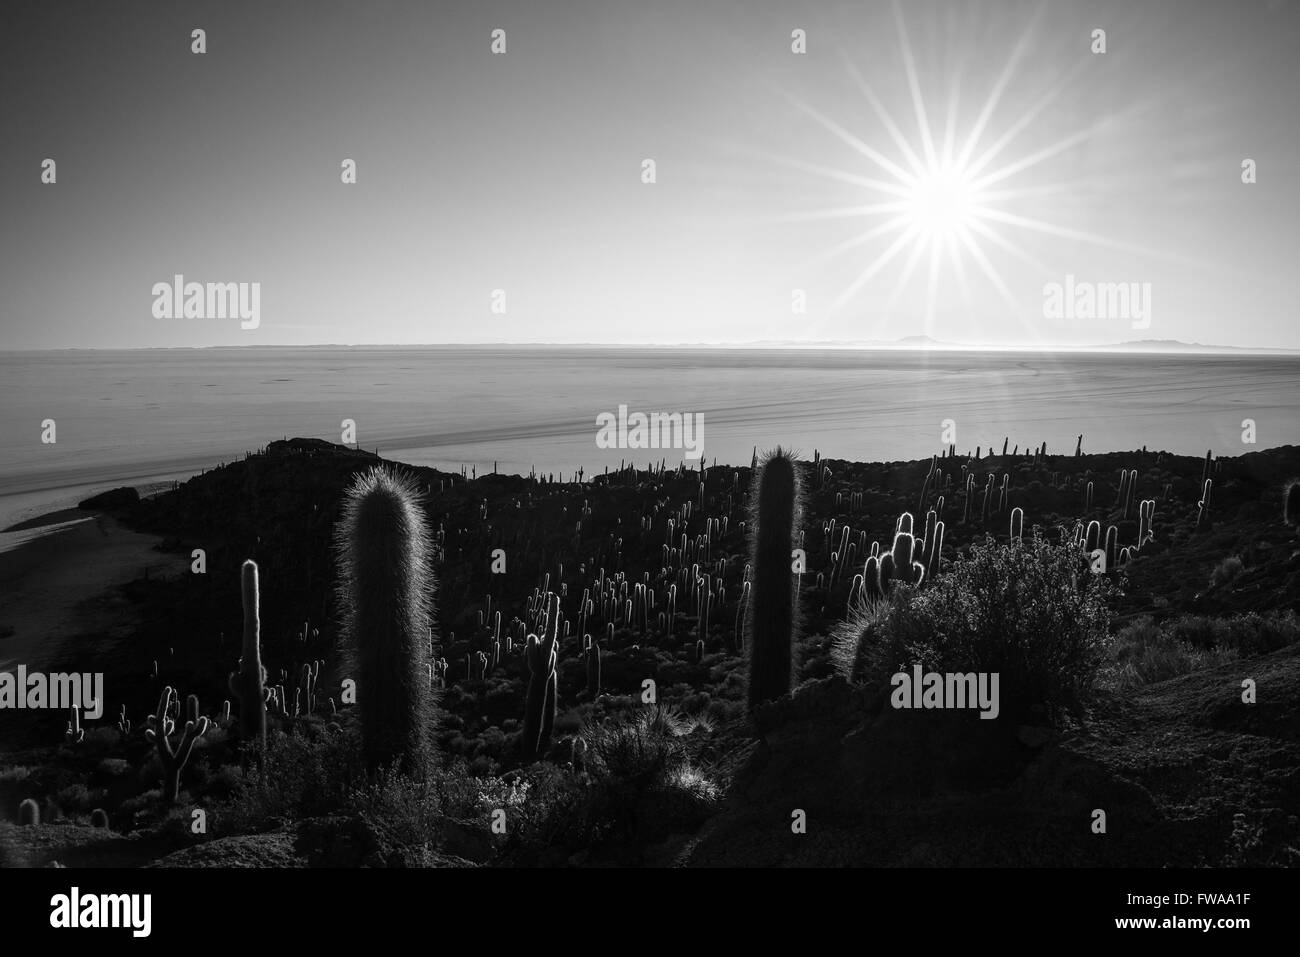 El sol de estrellas en el horizonte del majestuoso Salar de Uyuni, uno de los destino más importante en Bolivia. Imagen De Stock